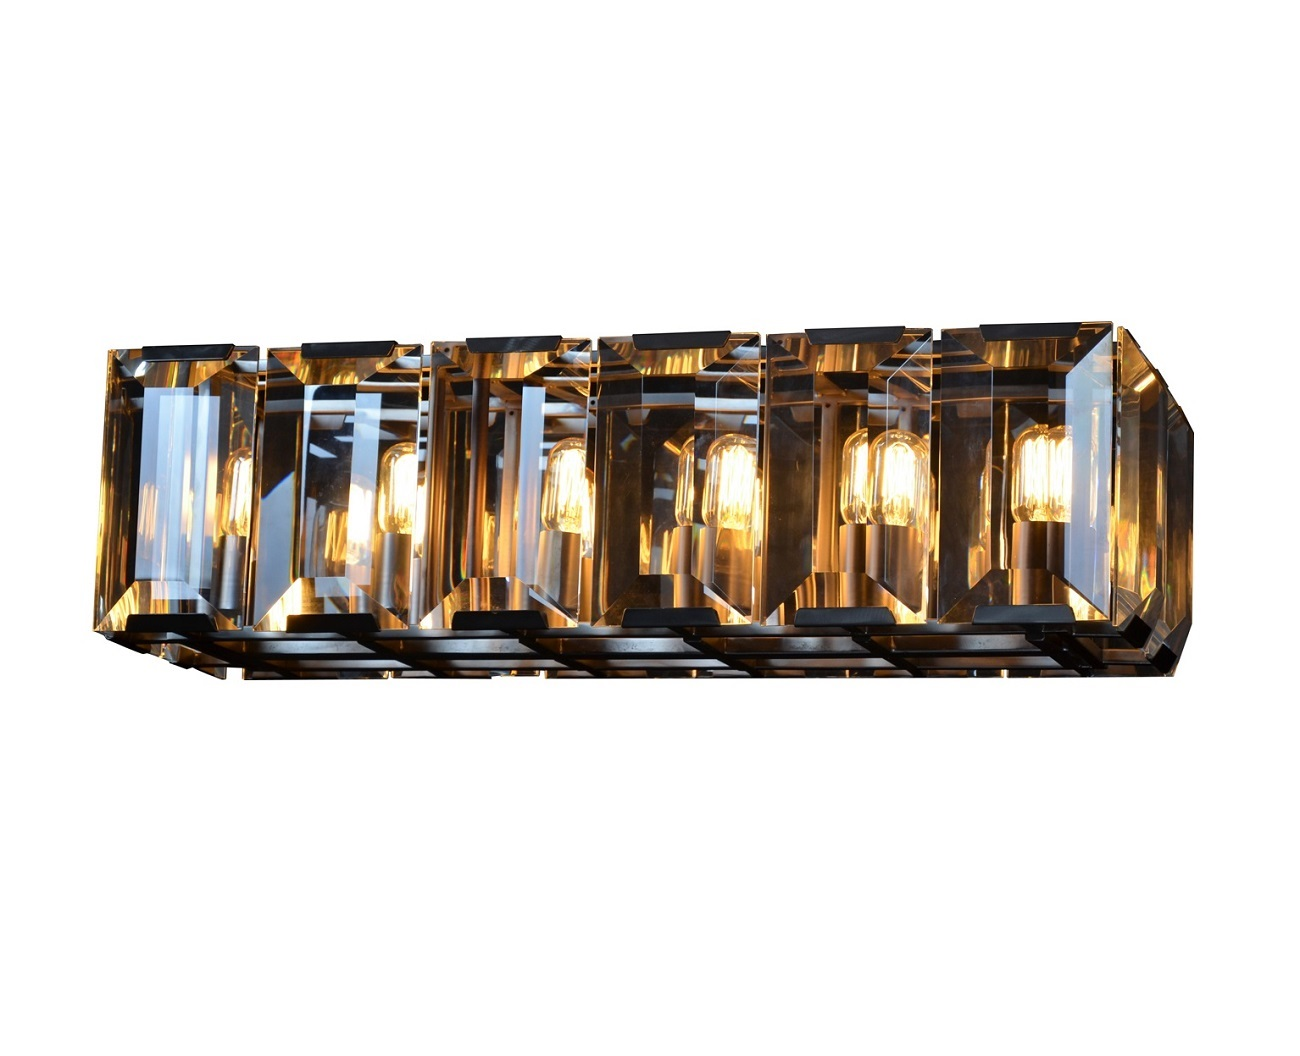 Подвесной светильник HarlowПодвесные светильники<br>Люстра Harlow удачно подчеркнет классический и современный интерьер, создаст атмосферу праздничности, и даже привнесет в помещение немного помпезности. Она прекрасно подойдет и для общественных, и для частных интерьеров. Такая люстра, несомненно, укажет на изысканный и утонченный вкус её обладателя.&amp;lt;div&amp;gt;&amp;lt;br&amp;gt;&amp;lt;/div&amp;gt;&amp;lt;div&amp;gt;&amp;lt;div&amp;gt;Вид цоколя: E14&amp;lt;/div&amp;gt;&amp;lt;div&amp;gt;Мощность: &amp;amp;nbsp;25W&amp;amp;nbsp;&amp;lt;/div&amp;gt;&amp;lt;div&amp;gt;Количество ламп: 12 (в комплект не входит)&amp;lt;/div&amp;gt;&amp;lt;div&amp;gt;&amp;lt;br&amp;gt;&amp;lt;/div&amp;gt;&amp;lt;/div&amp;gt;<br><br>Material: Стекло<br>Width см: 88<br>Depth см: 32<br>Height см: 28<br>Diameter см: None